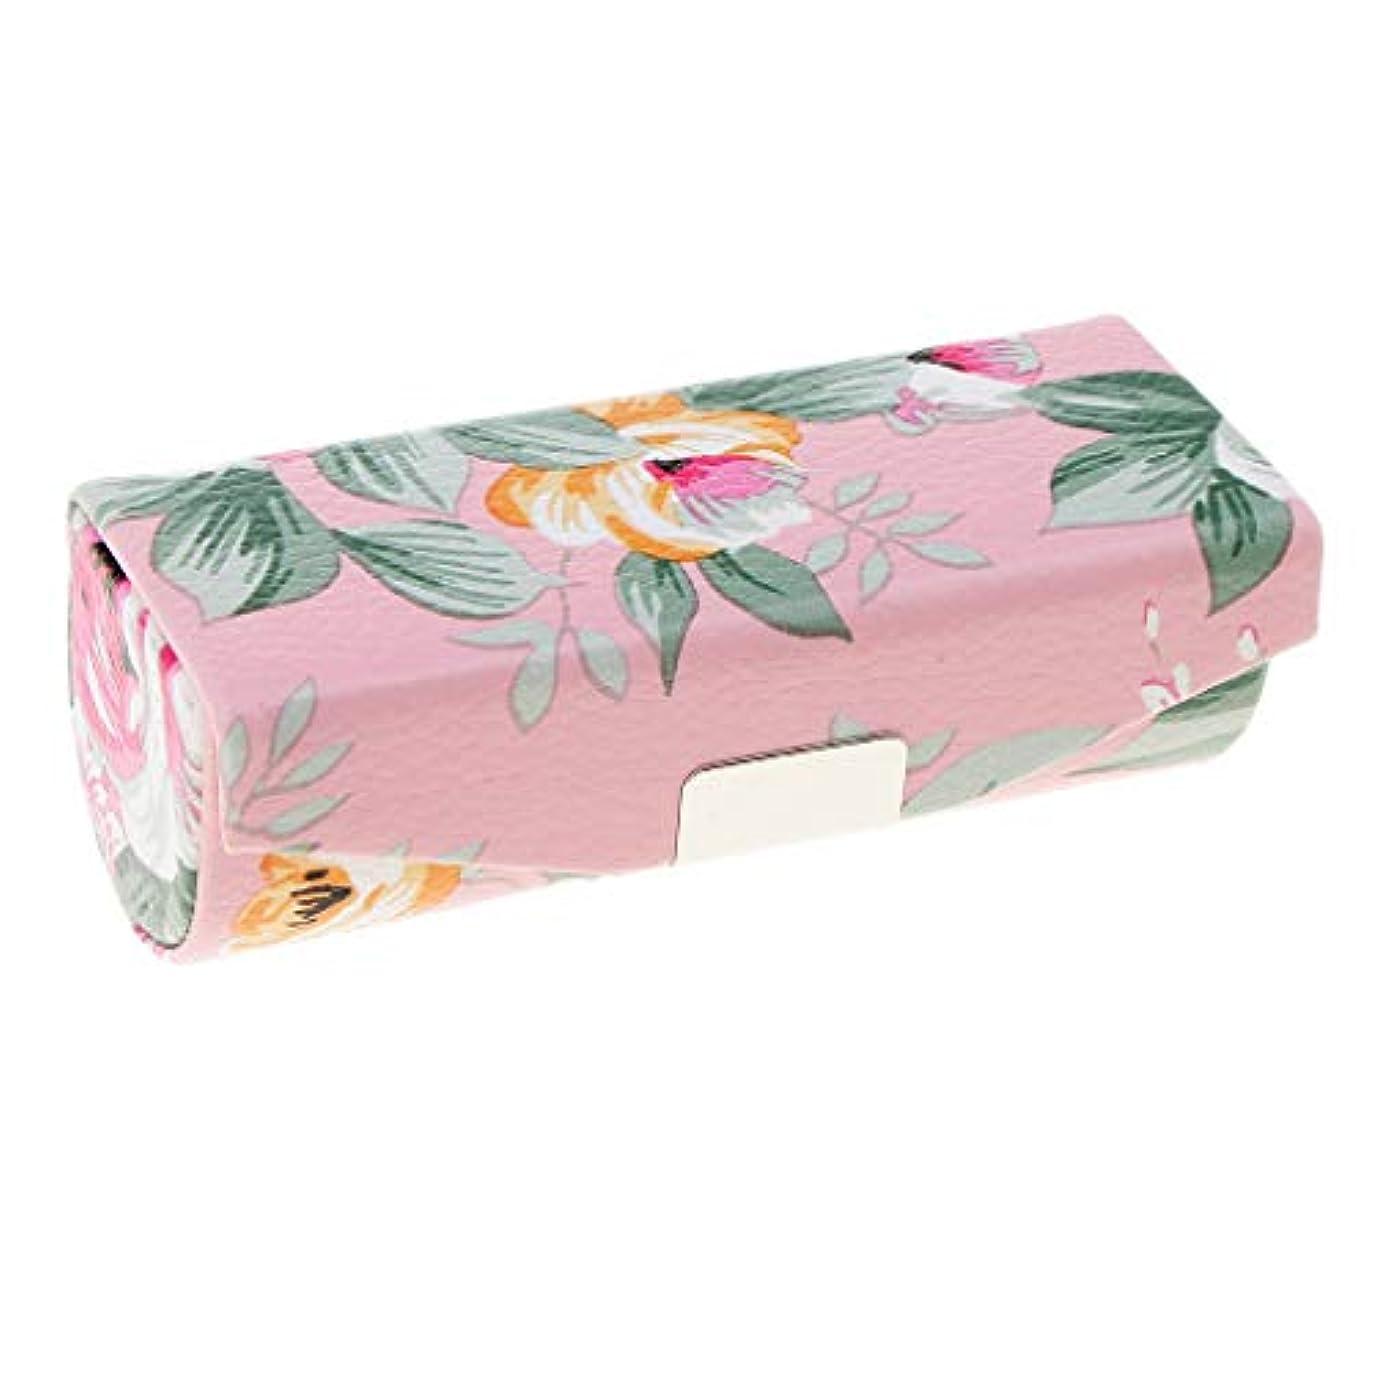 電話月曜兵器庫Fenteer 口紅ケース リップスティック ミラー付き メイクアップ  収納ホルダー  5色選べ - ピンク